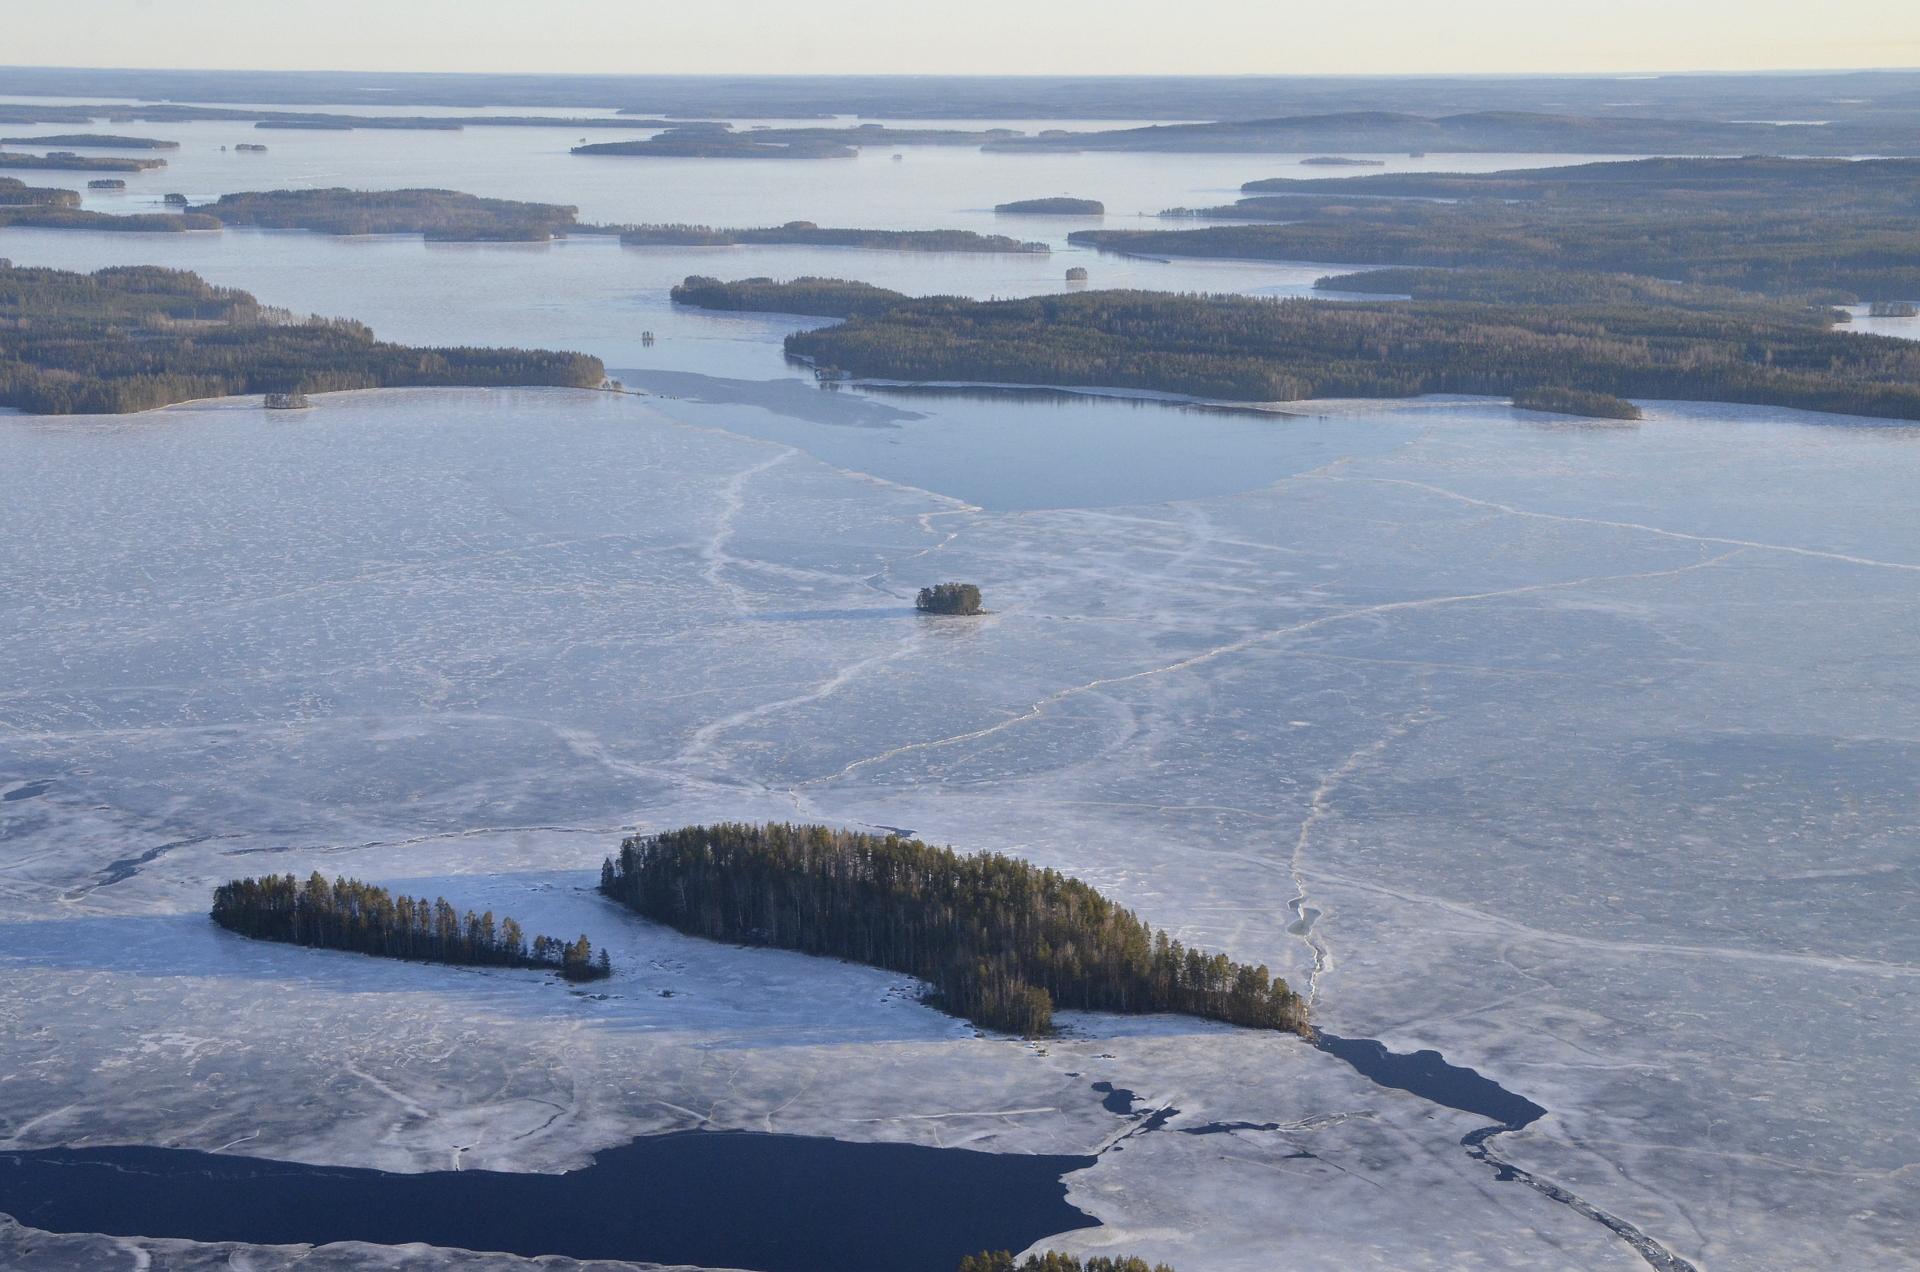 Härkinsalmessa, kuvan keskivaiheilla paljon sulaa vettä. Lähin selkä Kertonselällä sitten Pieni-Koivuselkä, seuraavana Karttuselkä ja sen takana vielä Kokonselkä.